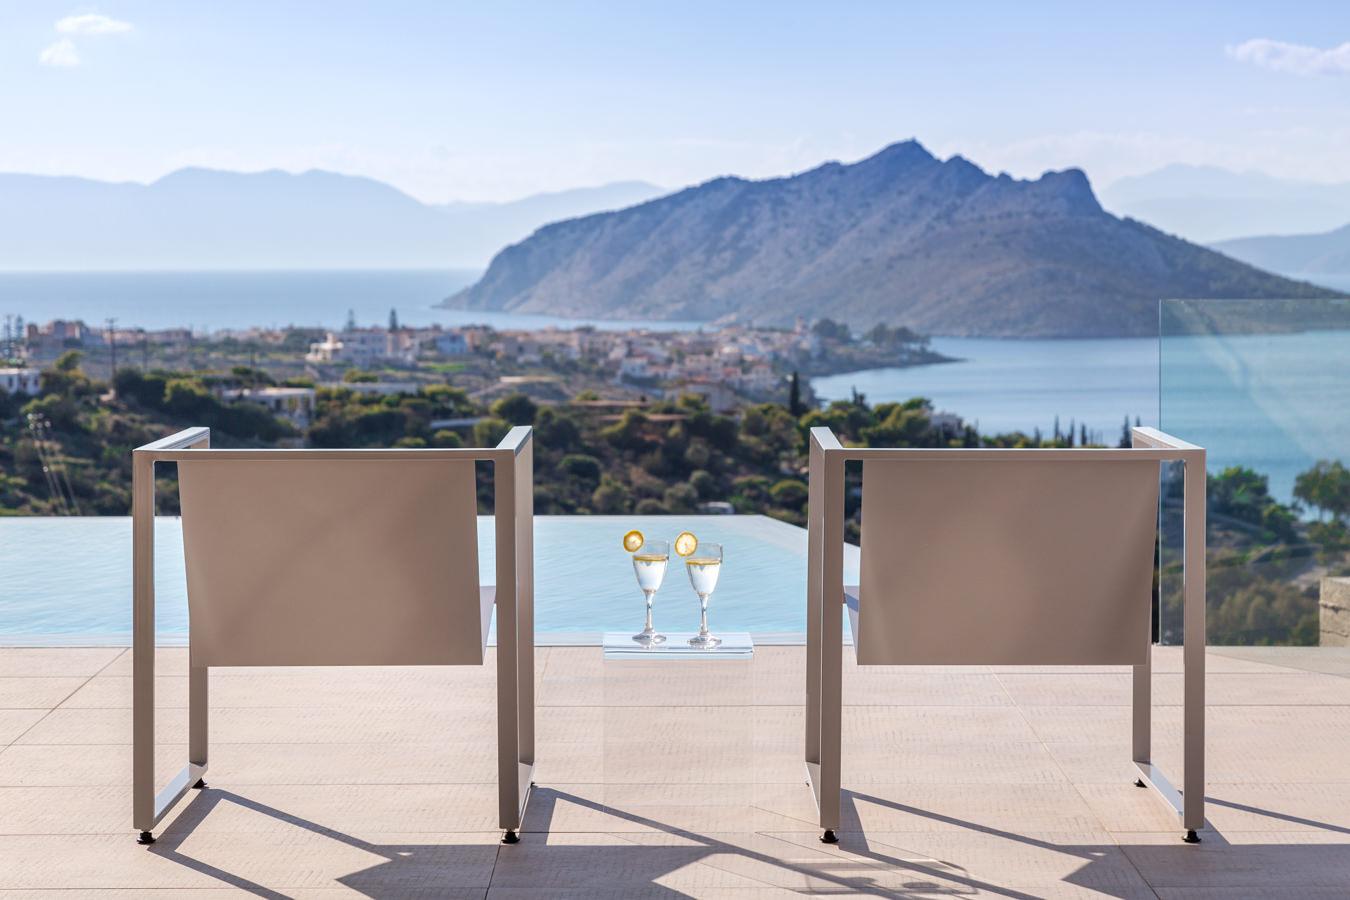 Infinity Villa in Aegina, Γιώργος Φάκαρος - Αρχιτεκτονική Φωτογραφία | Εσωτερικοί Χώροι | Φωτογραφία Ξενοδοχειών - Photography / Φωτογραφία